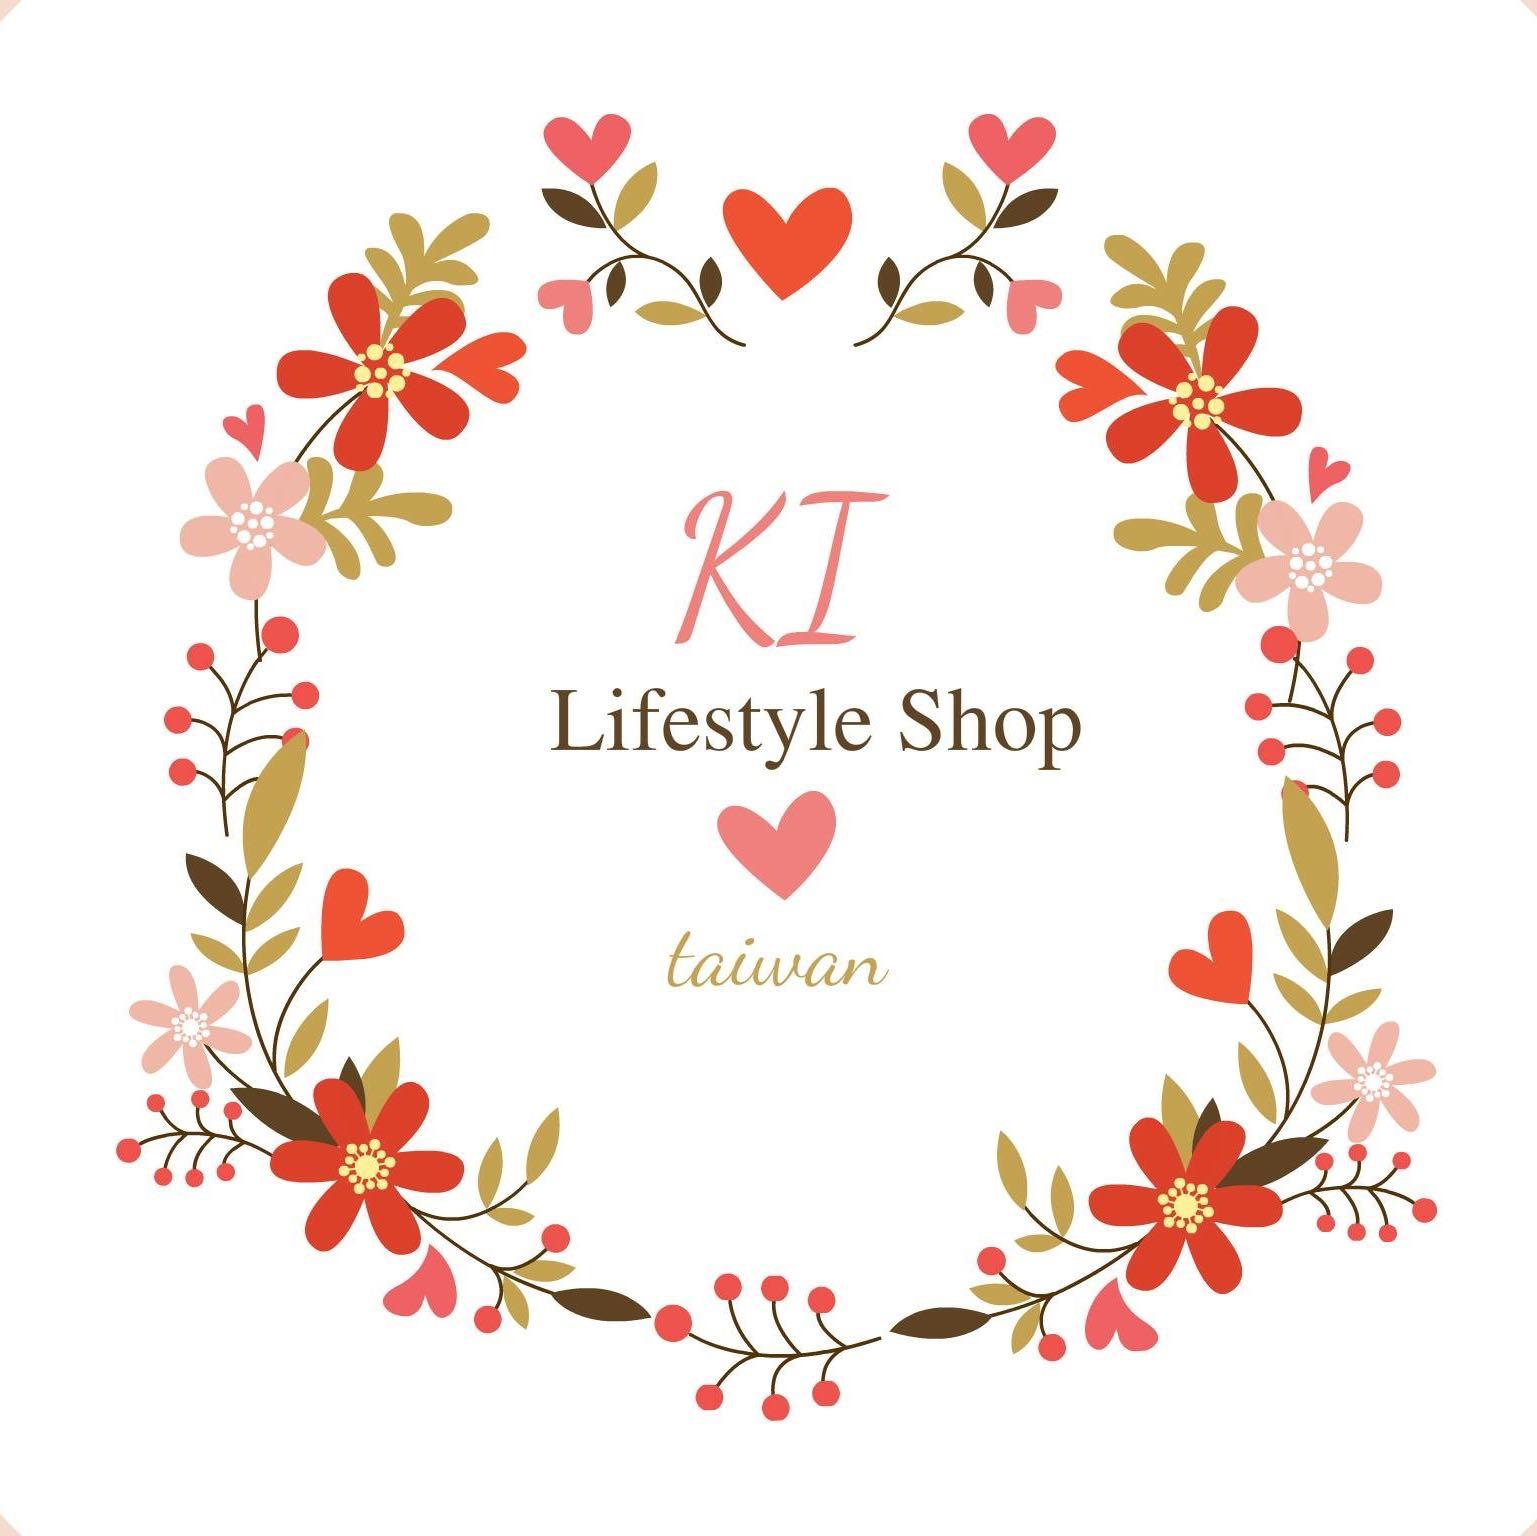 kilifestyle